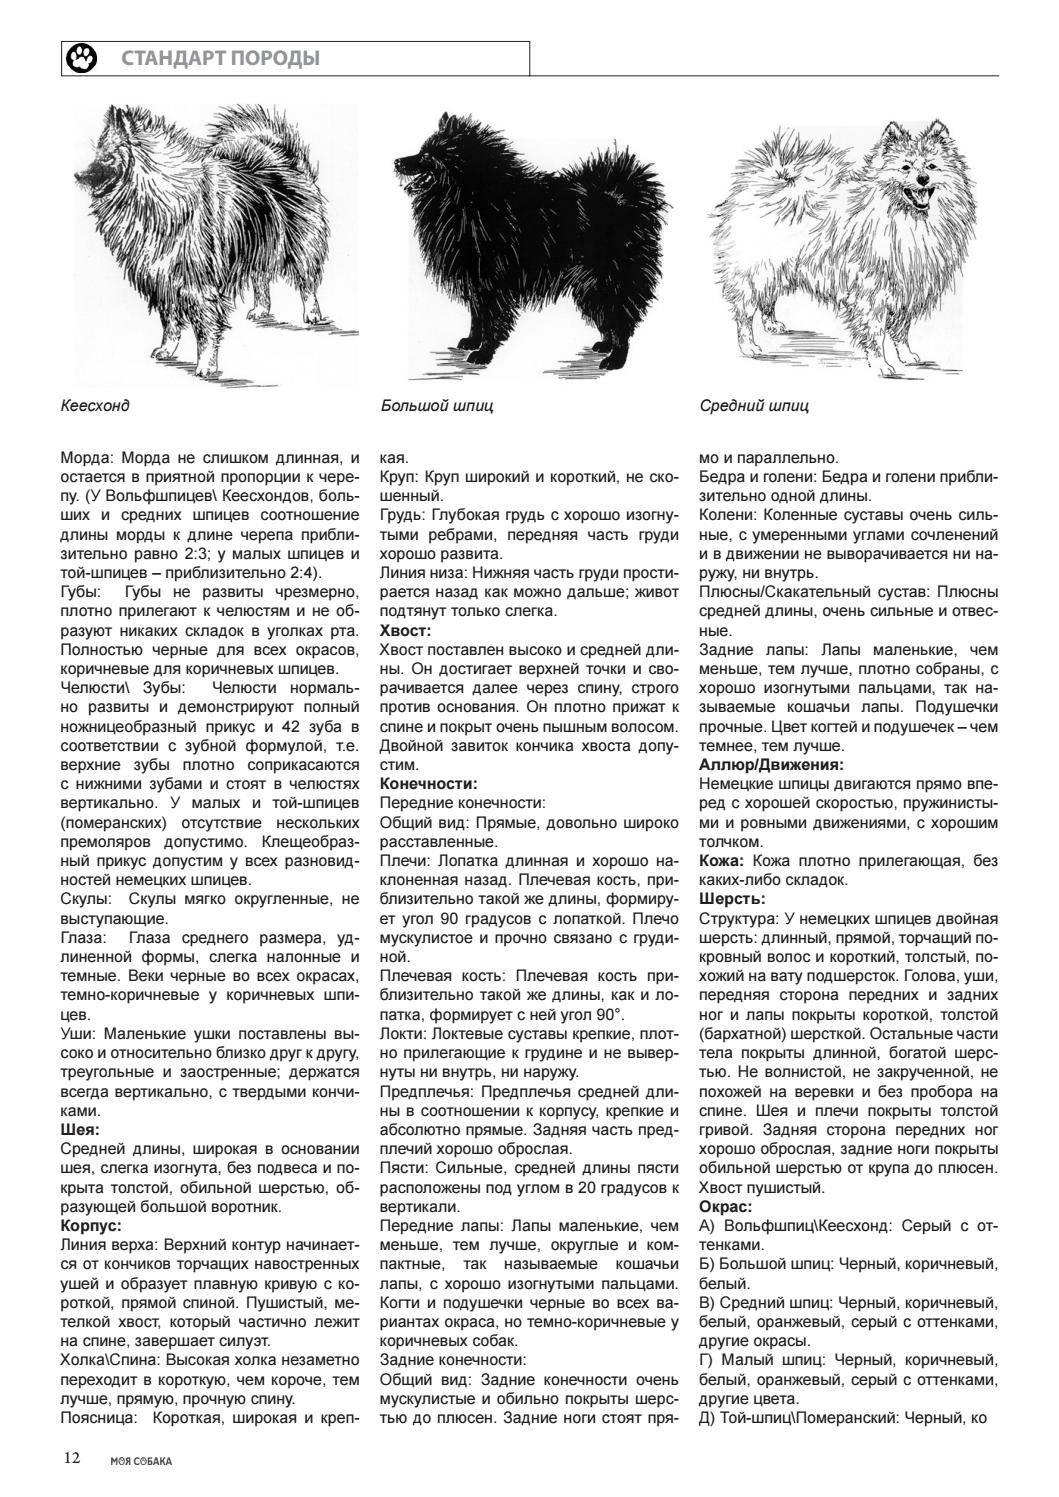 Померанский шпиц: описание характера и внешности, история, особенности содержания и воспитания